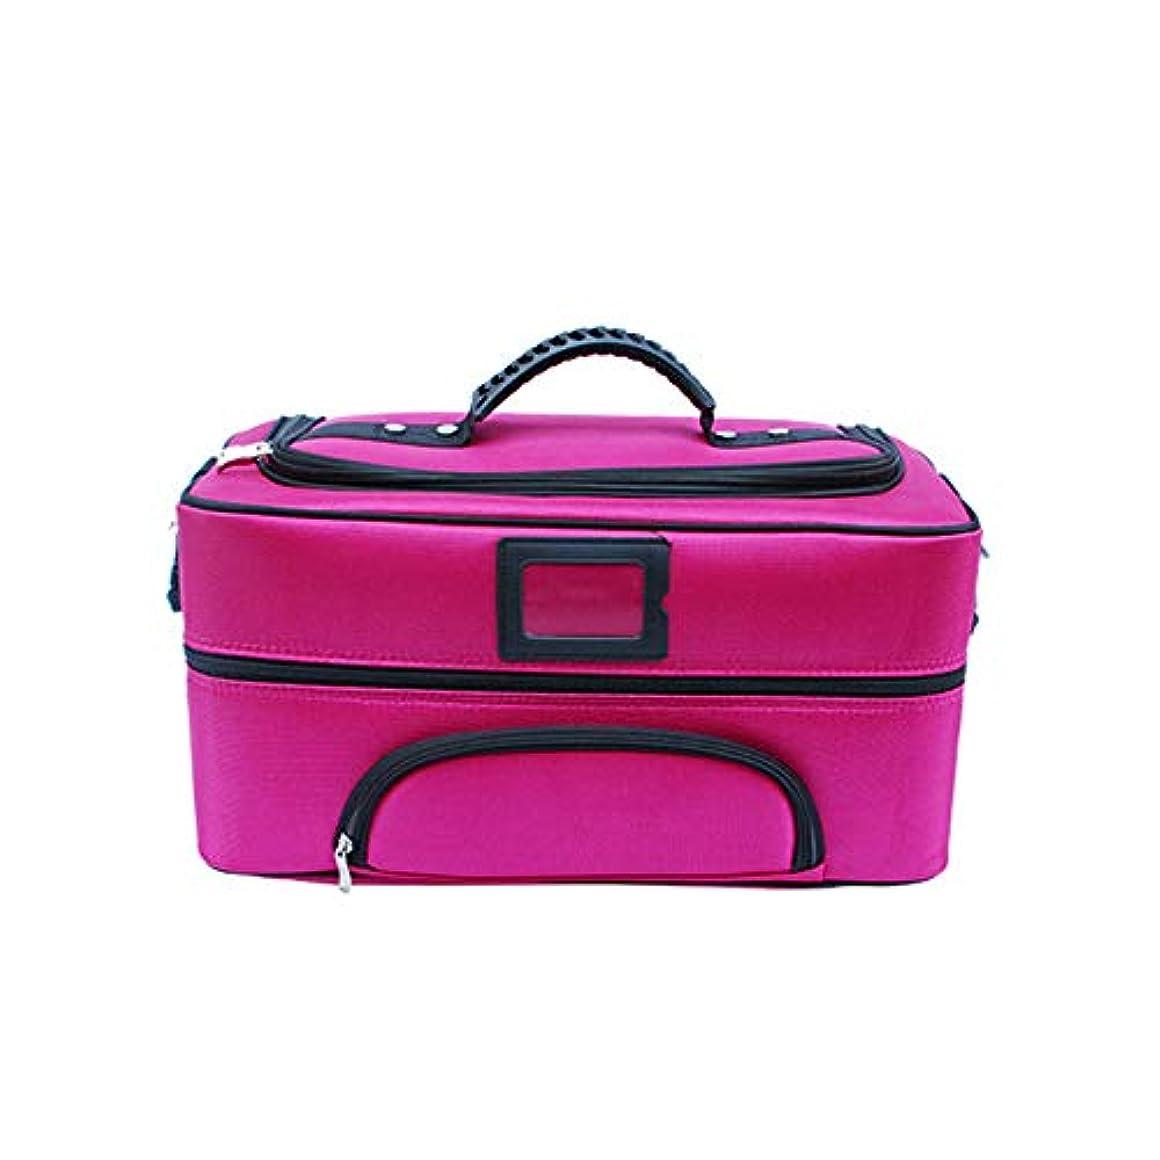 修正退屈させるハンディ化粧オーガナイザーバッグ ジッパーで旅行と毎日のストレージのための美容メイクアップのポータブルカジュアルメイク化粧品収納ケース 化粧品ケース